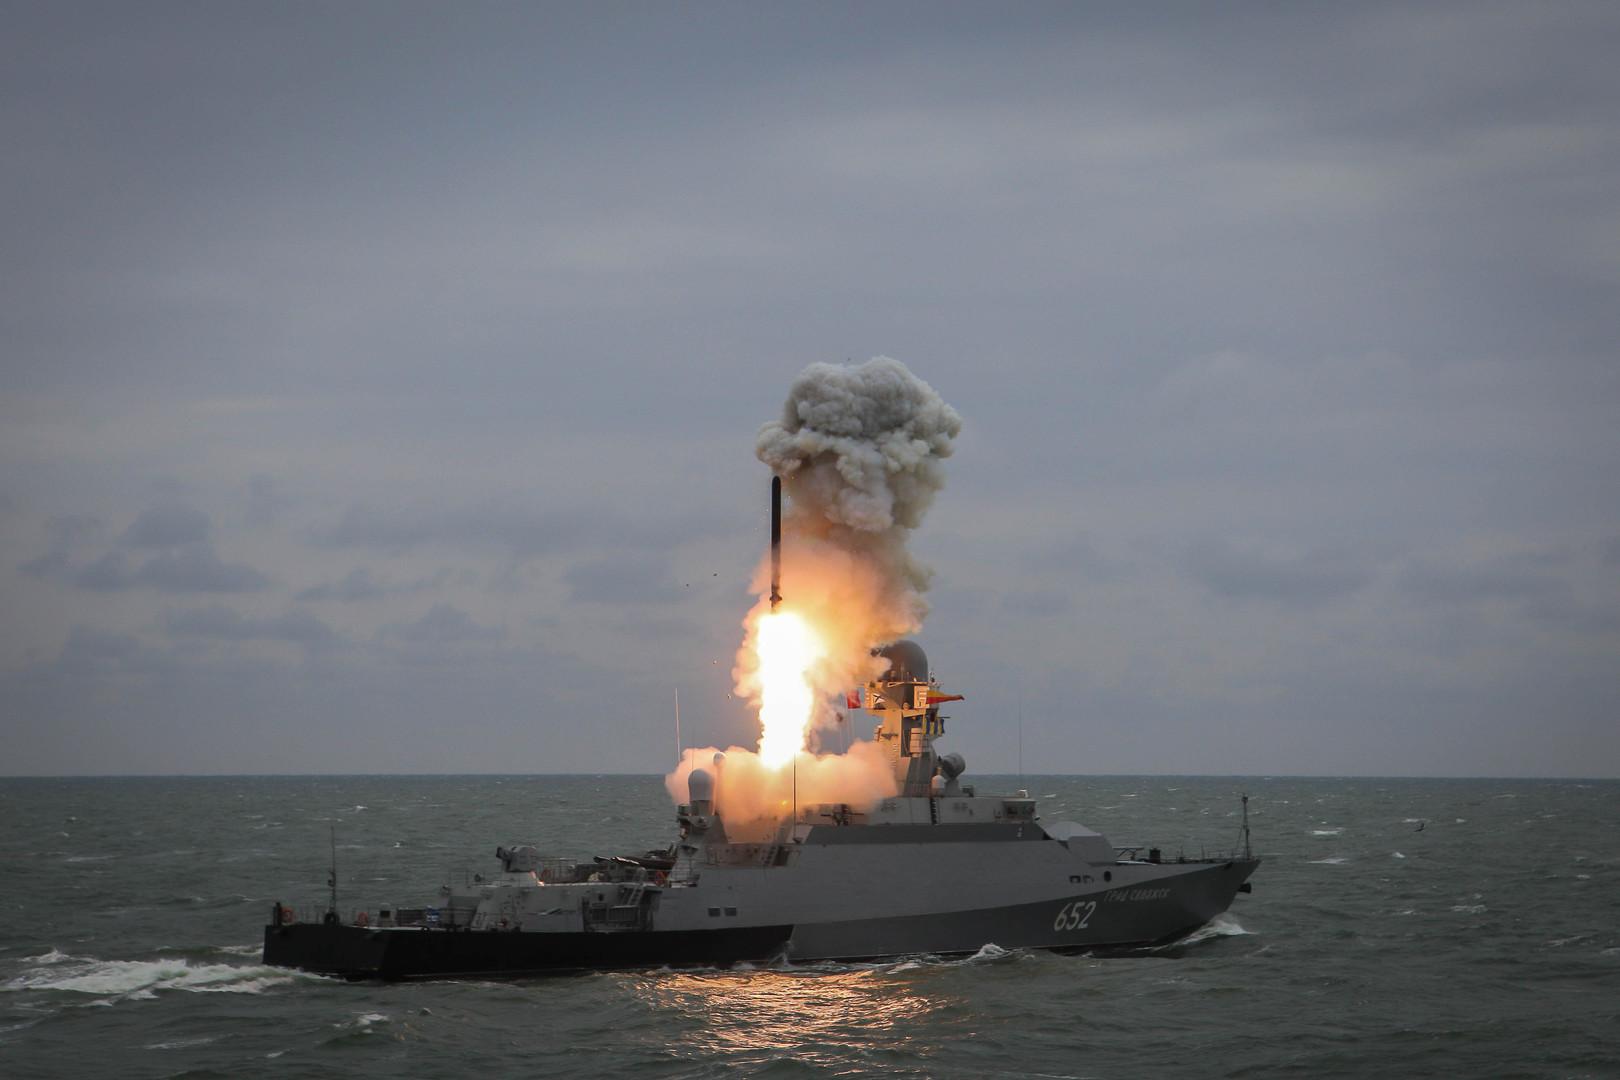 الأسطول الروسي في المحيط الهادئ يتسلم سفينتين وغواصة مسلحة بصواريخ